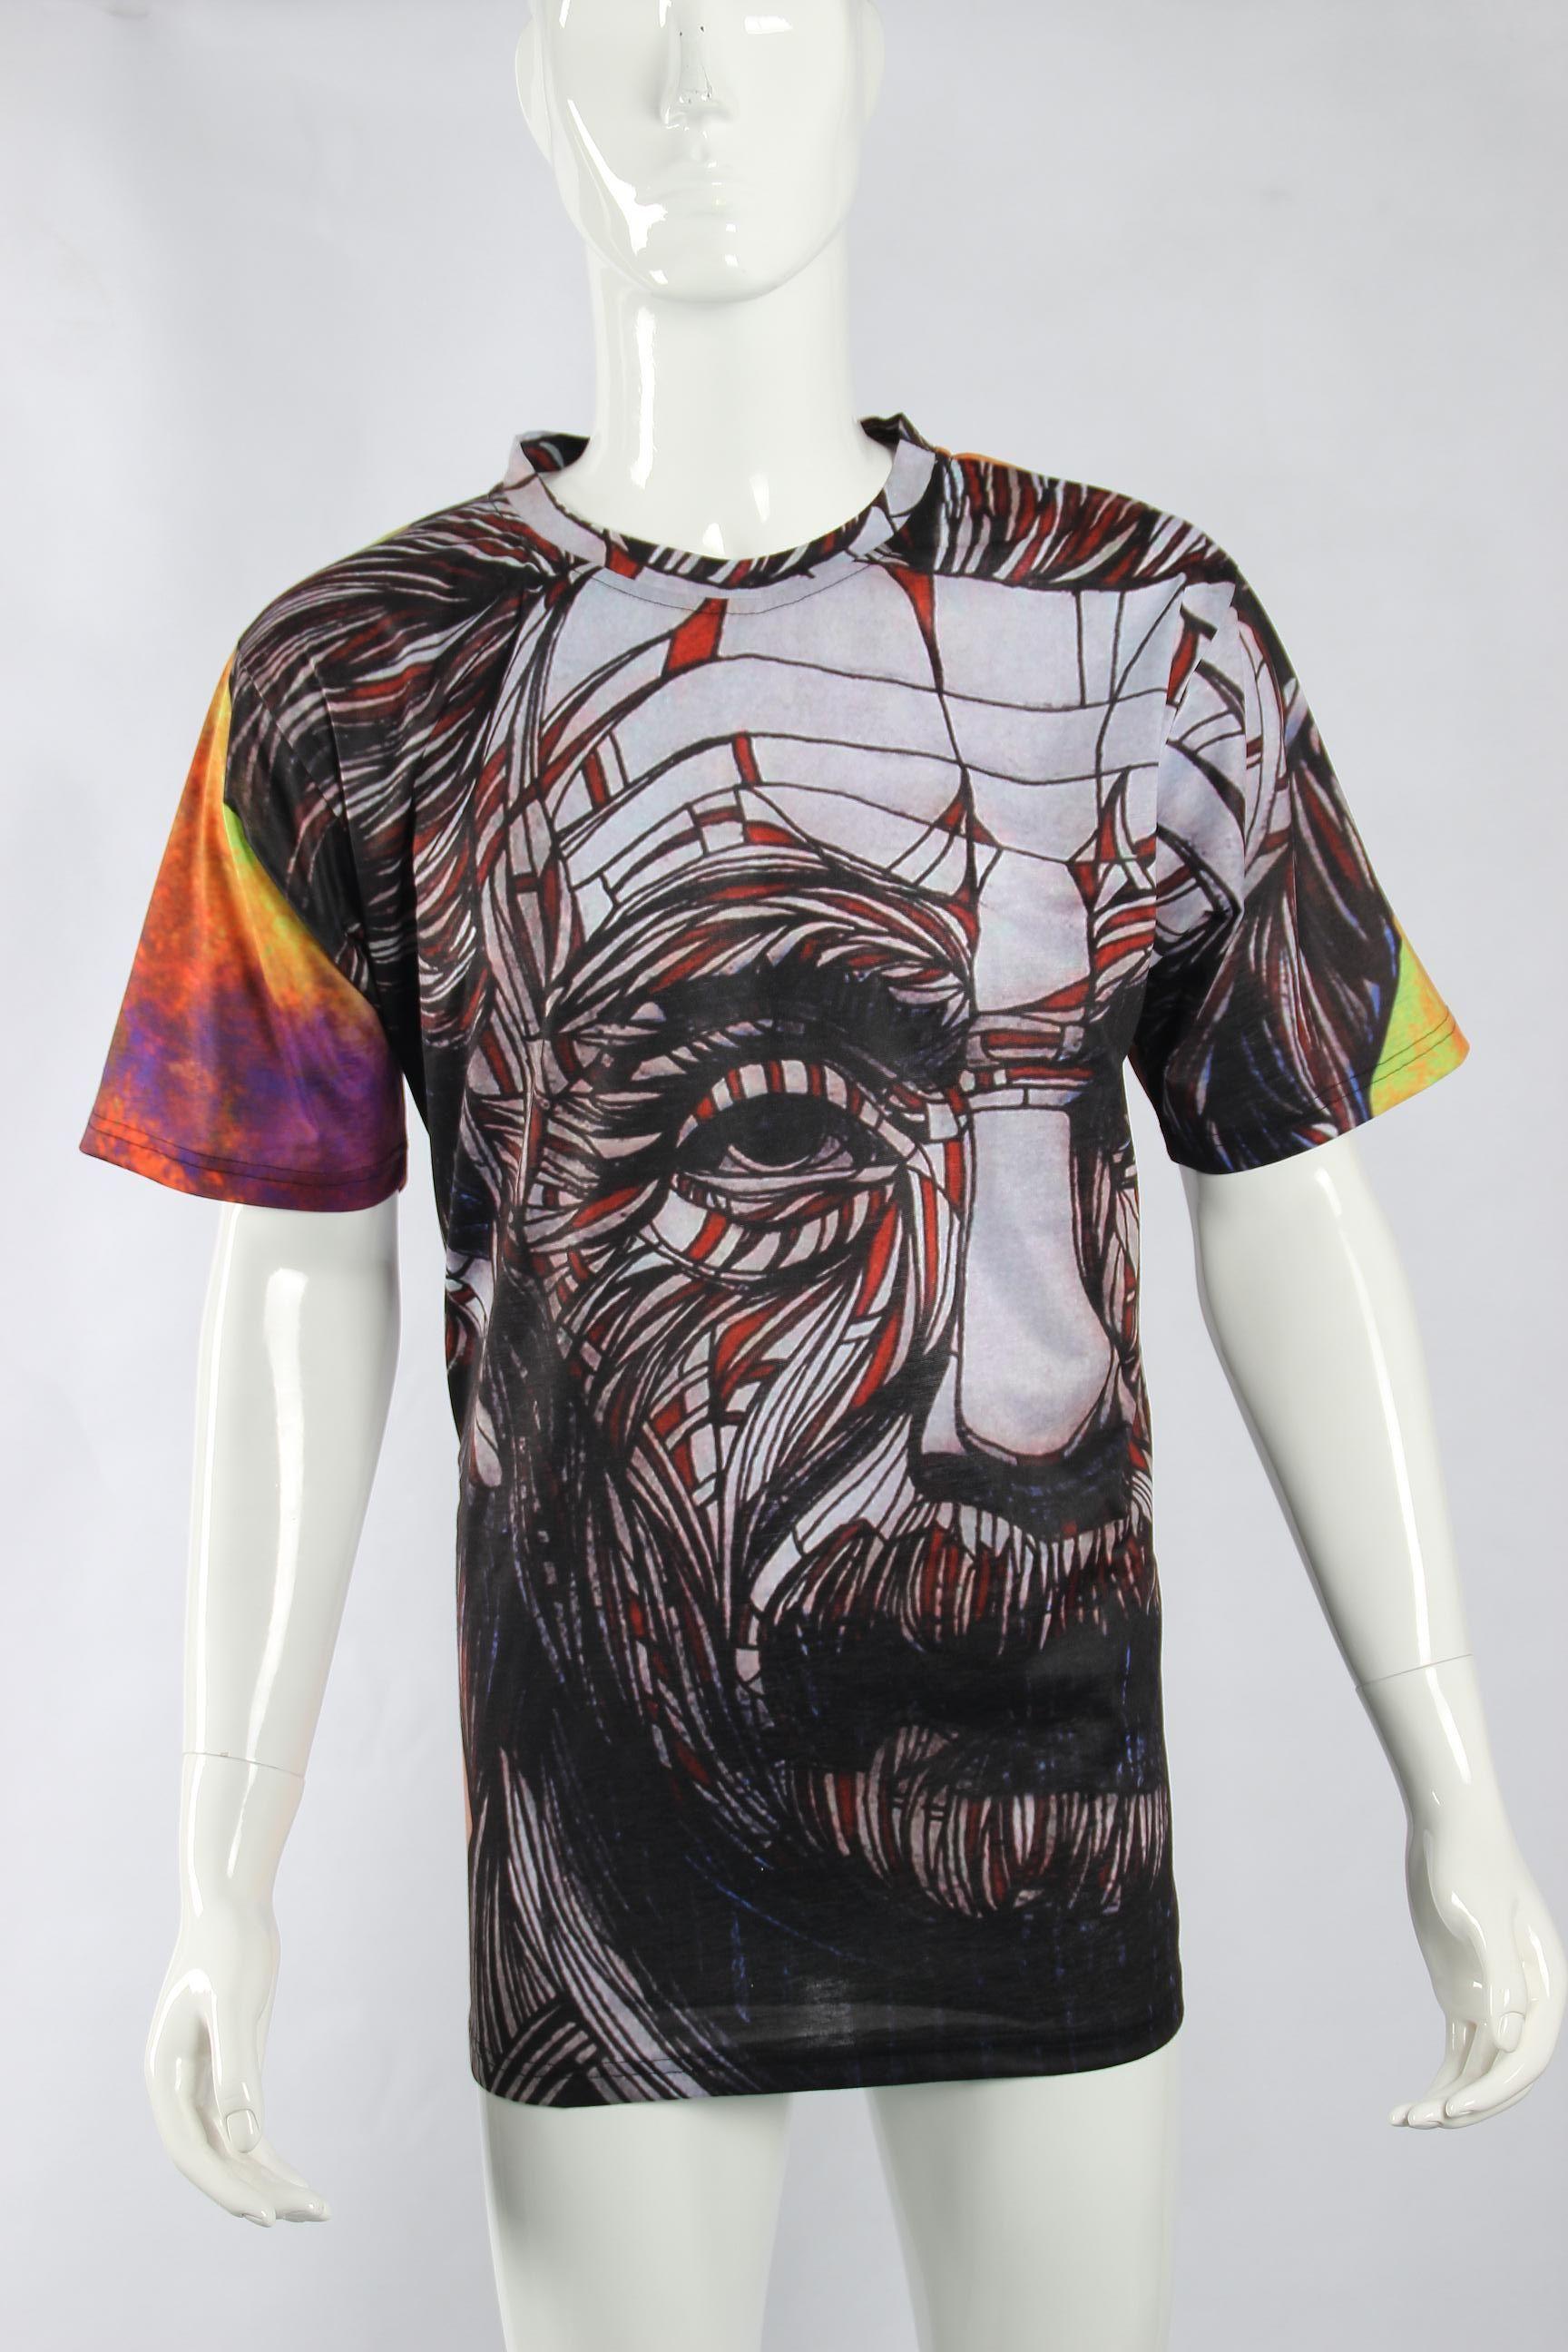 Cut Sew Dye Sublimation T Shirt Dye Sublimation Pinterest T